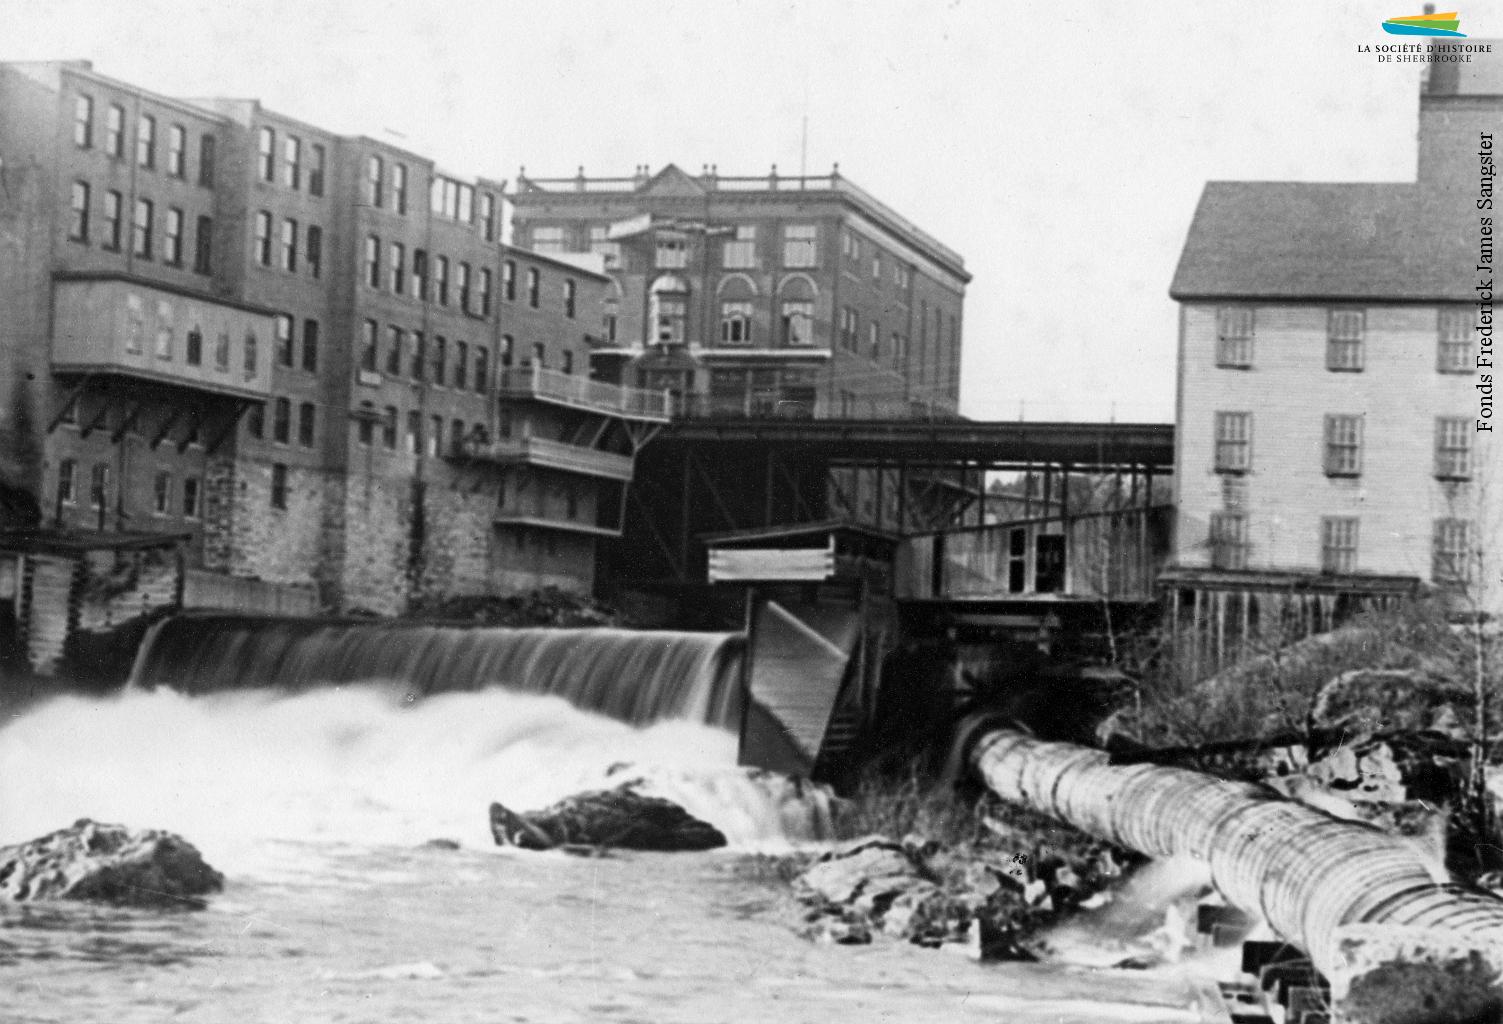 Le barrage no 5 situé tout près du confluent, entre 1887 et 1900. Installé non loin de l'endroit où le premier barrage de Sherbrooke est construit en 1802, il alimente en eau les moulins et manufactures situés à proximité. Lorsque l'énergie hydraulique est remplacée par l'électricité, le barrage devient inutile et est démoli dans les années 1910.